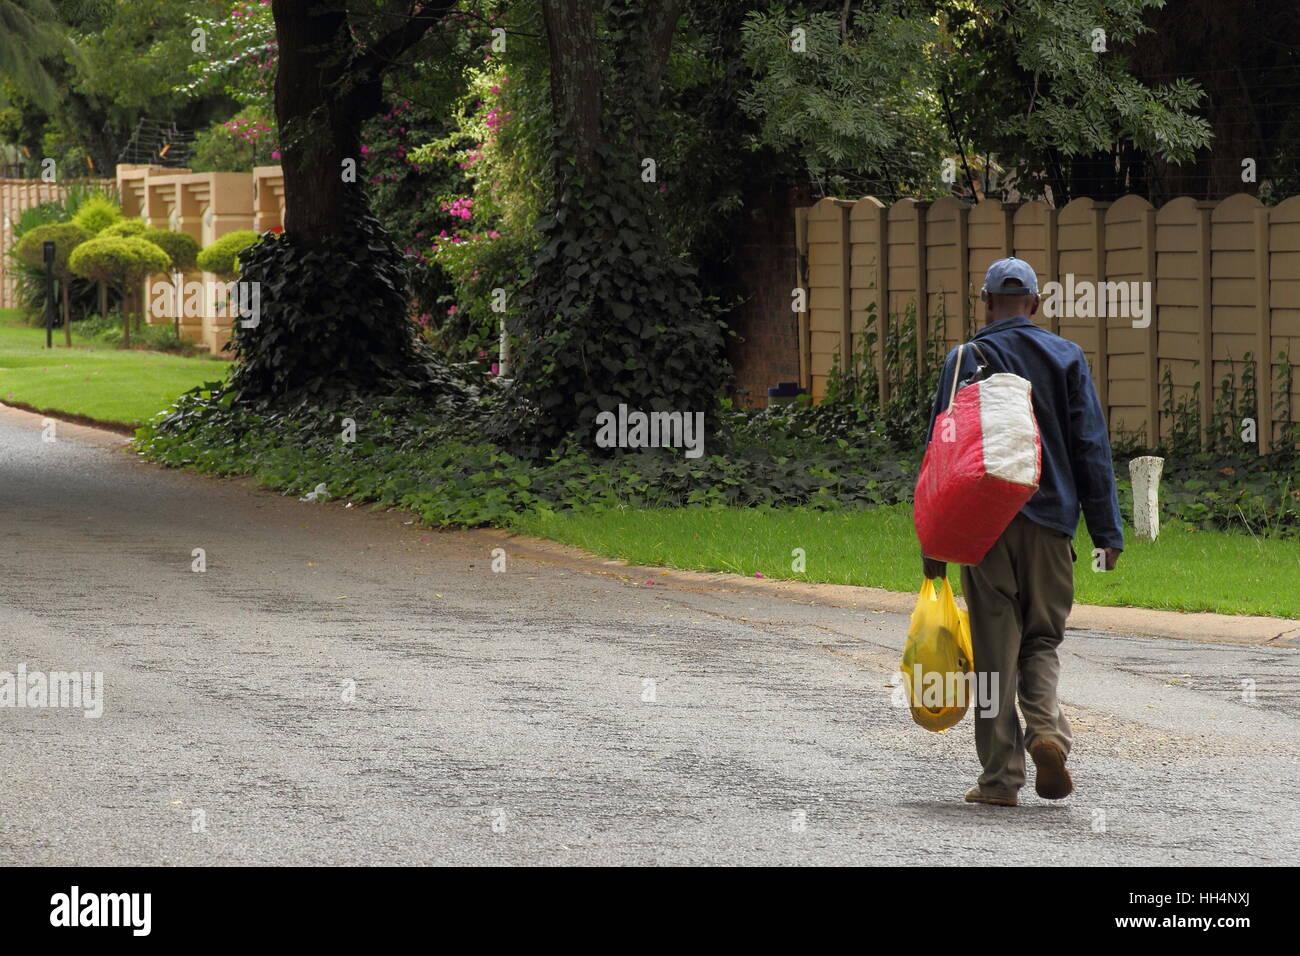 Senzatetto disoccupati uomo Sud Africa cammina giù per una strada pubblica che porta le sue cose immagine con Immagini Stock